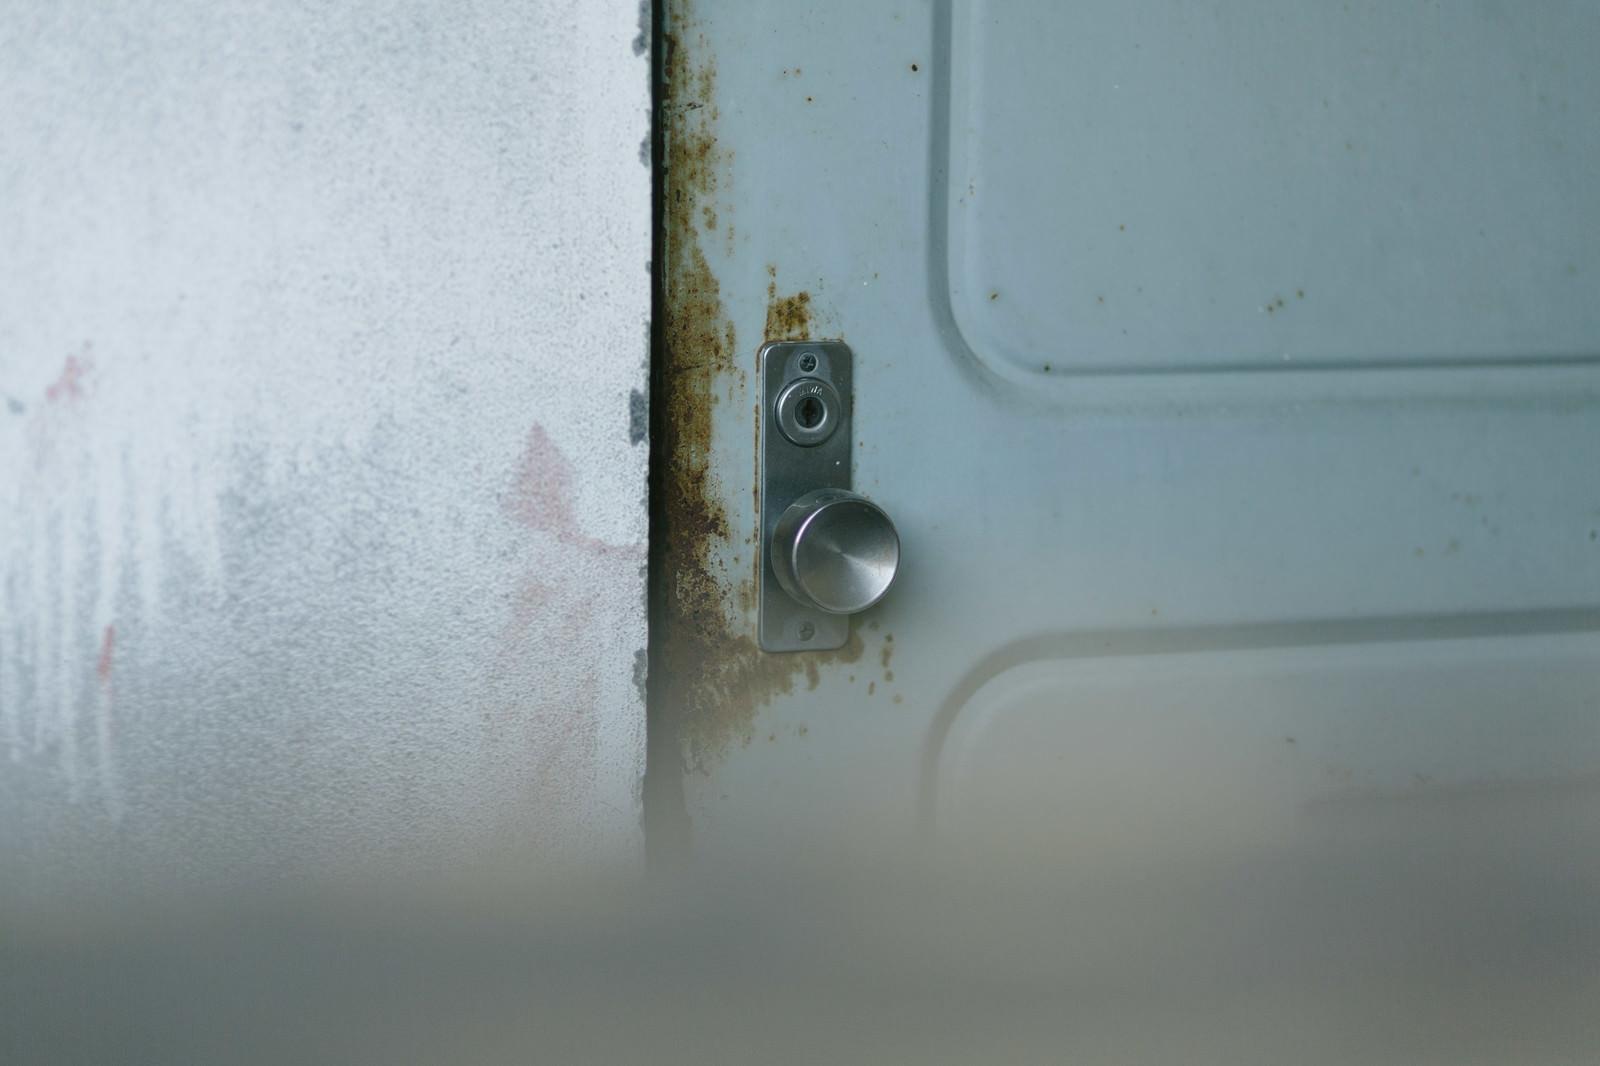 「開かない扉開かない扉」のフリー写真素材を拡大